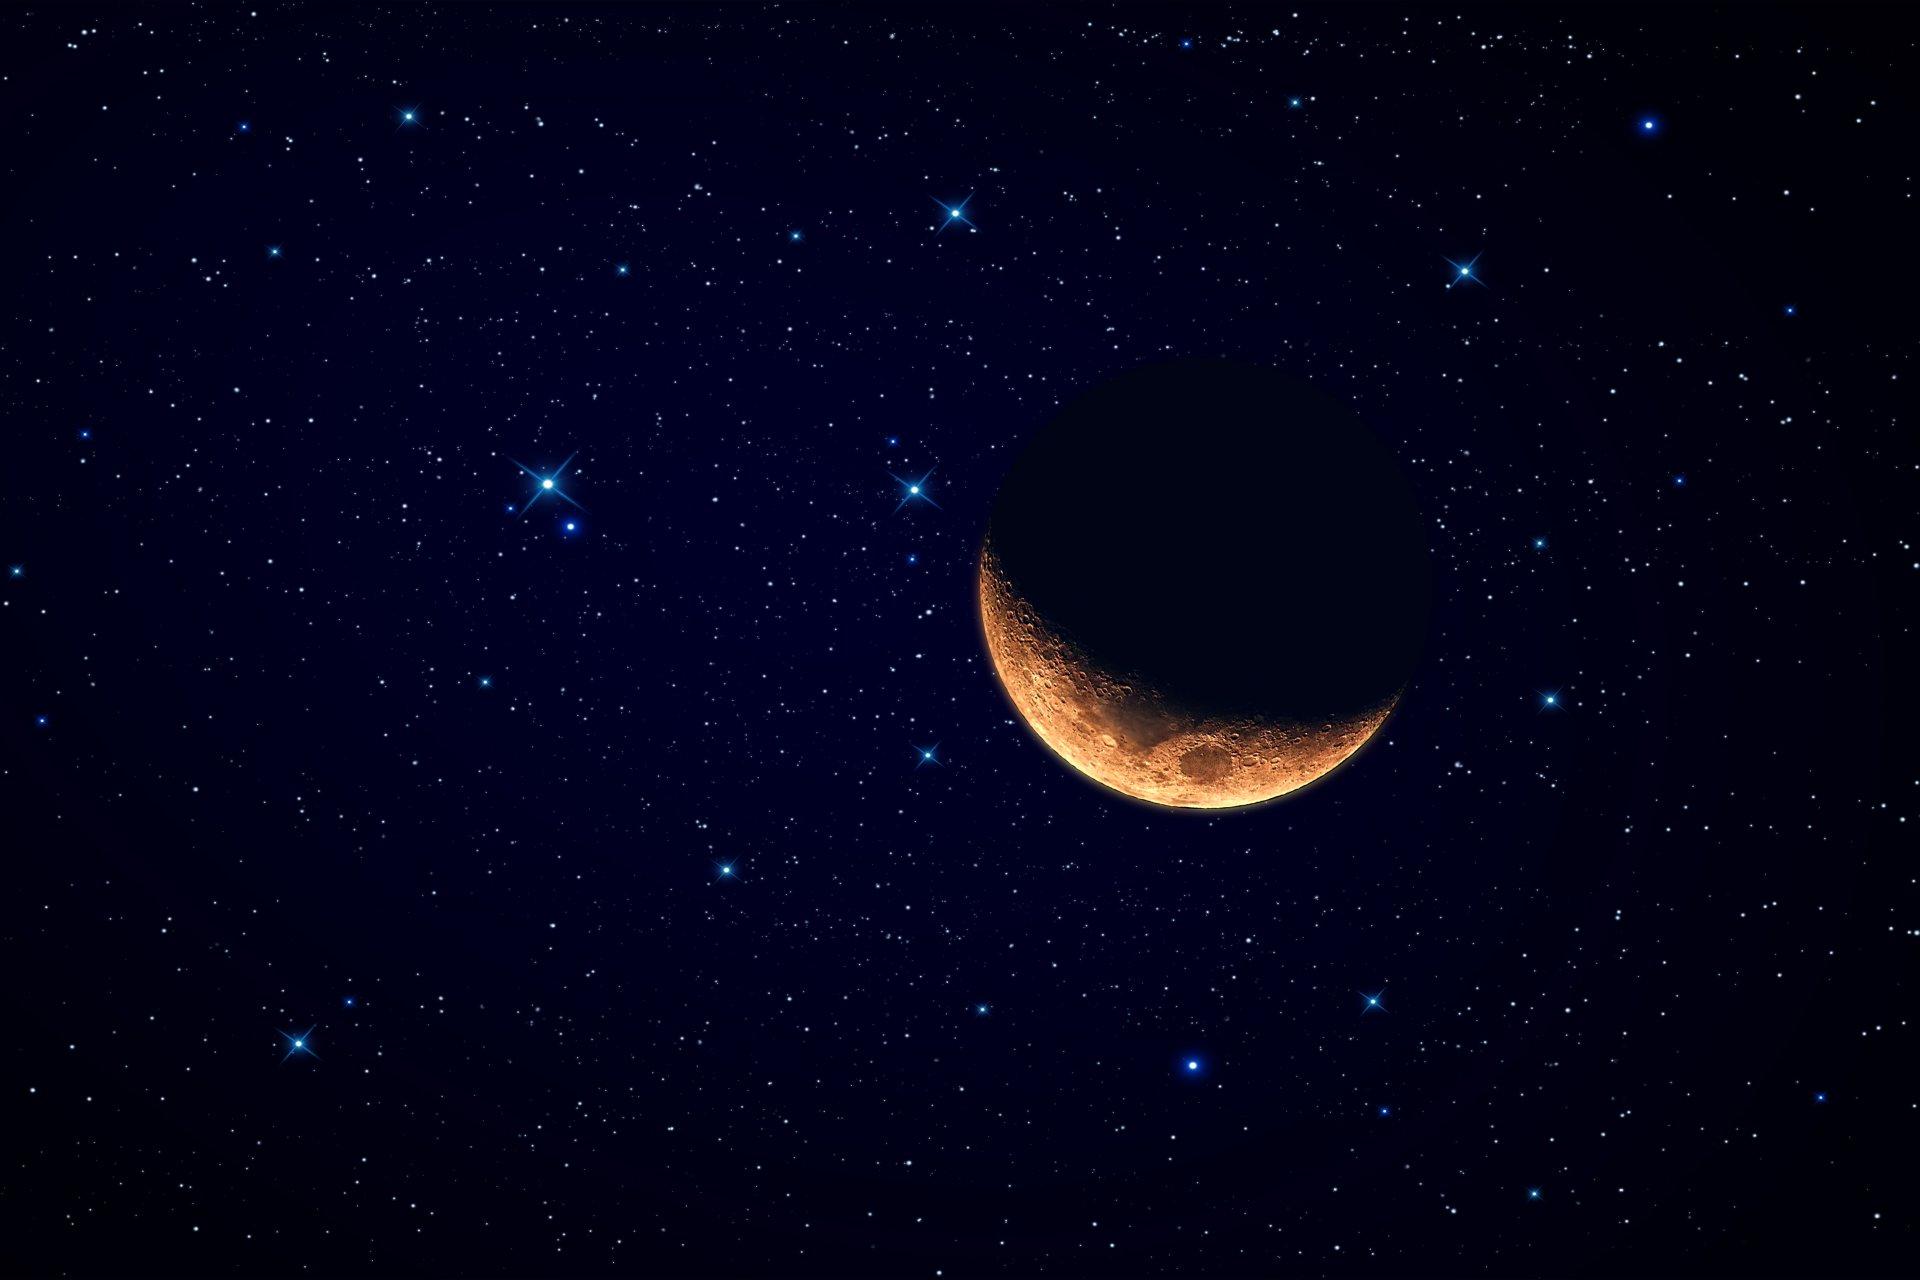 Fotos de lua cheia no mar 75